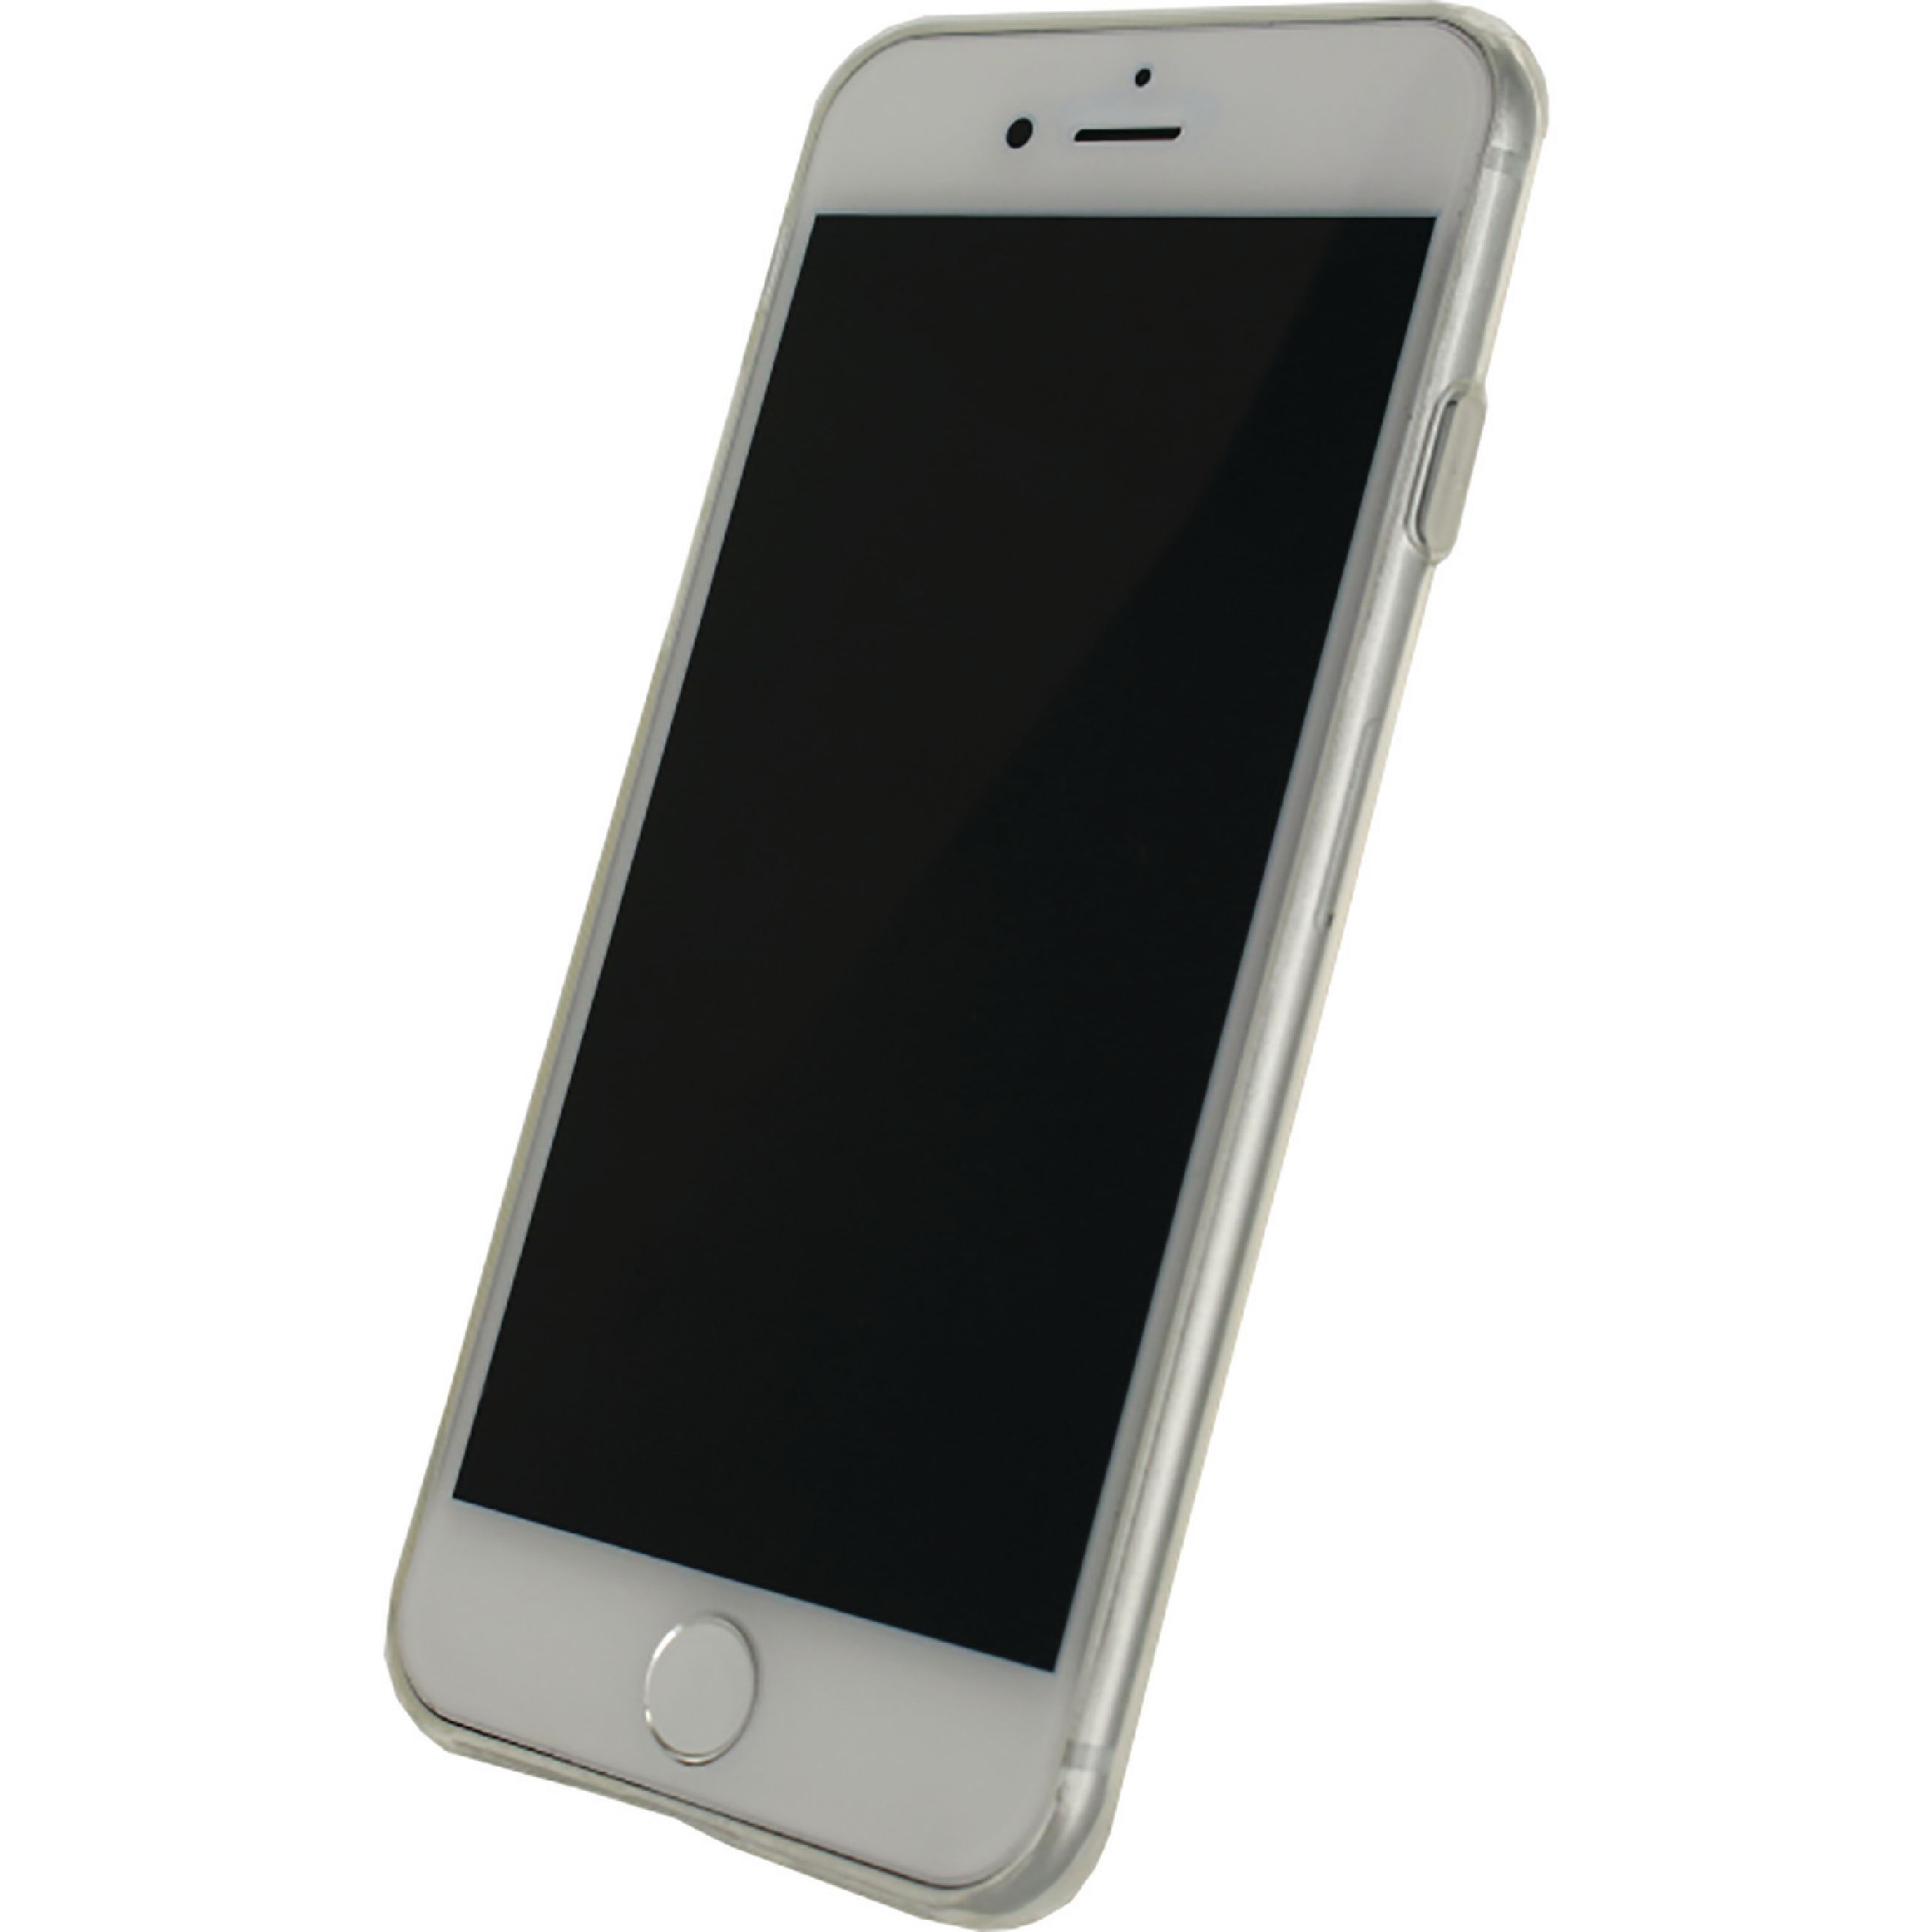 Image of   Telefon Slankt og Blødt Omslagsetui Apple iPhone 7 / Apple iPhone 8 Gennemsigtig